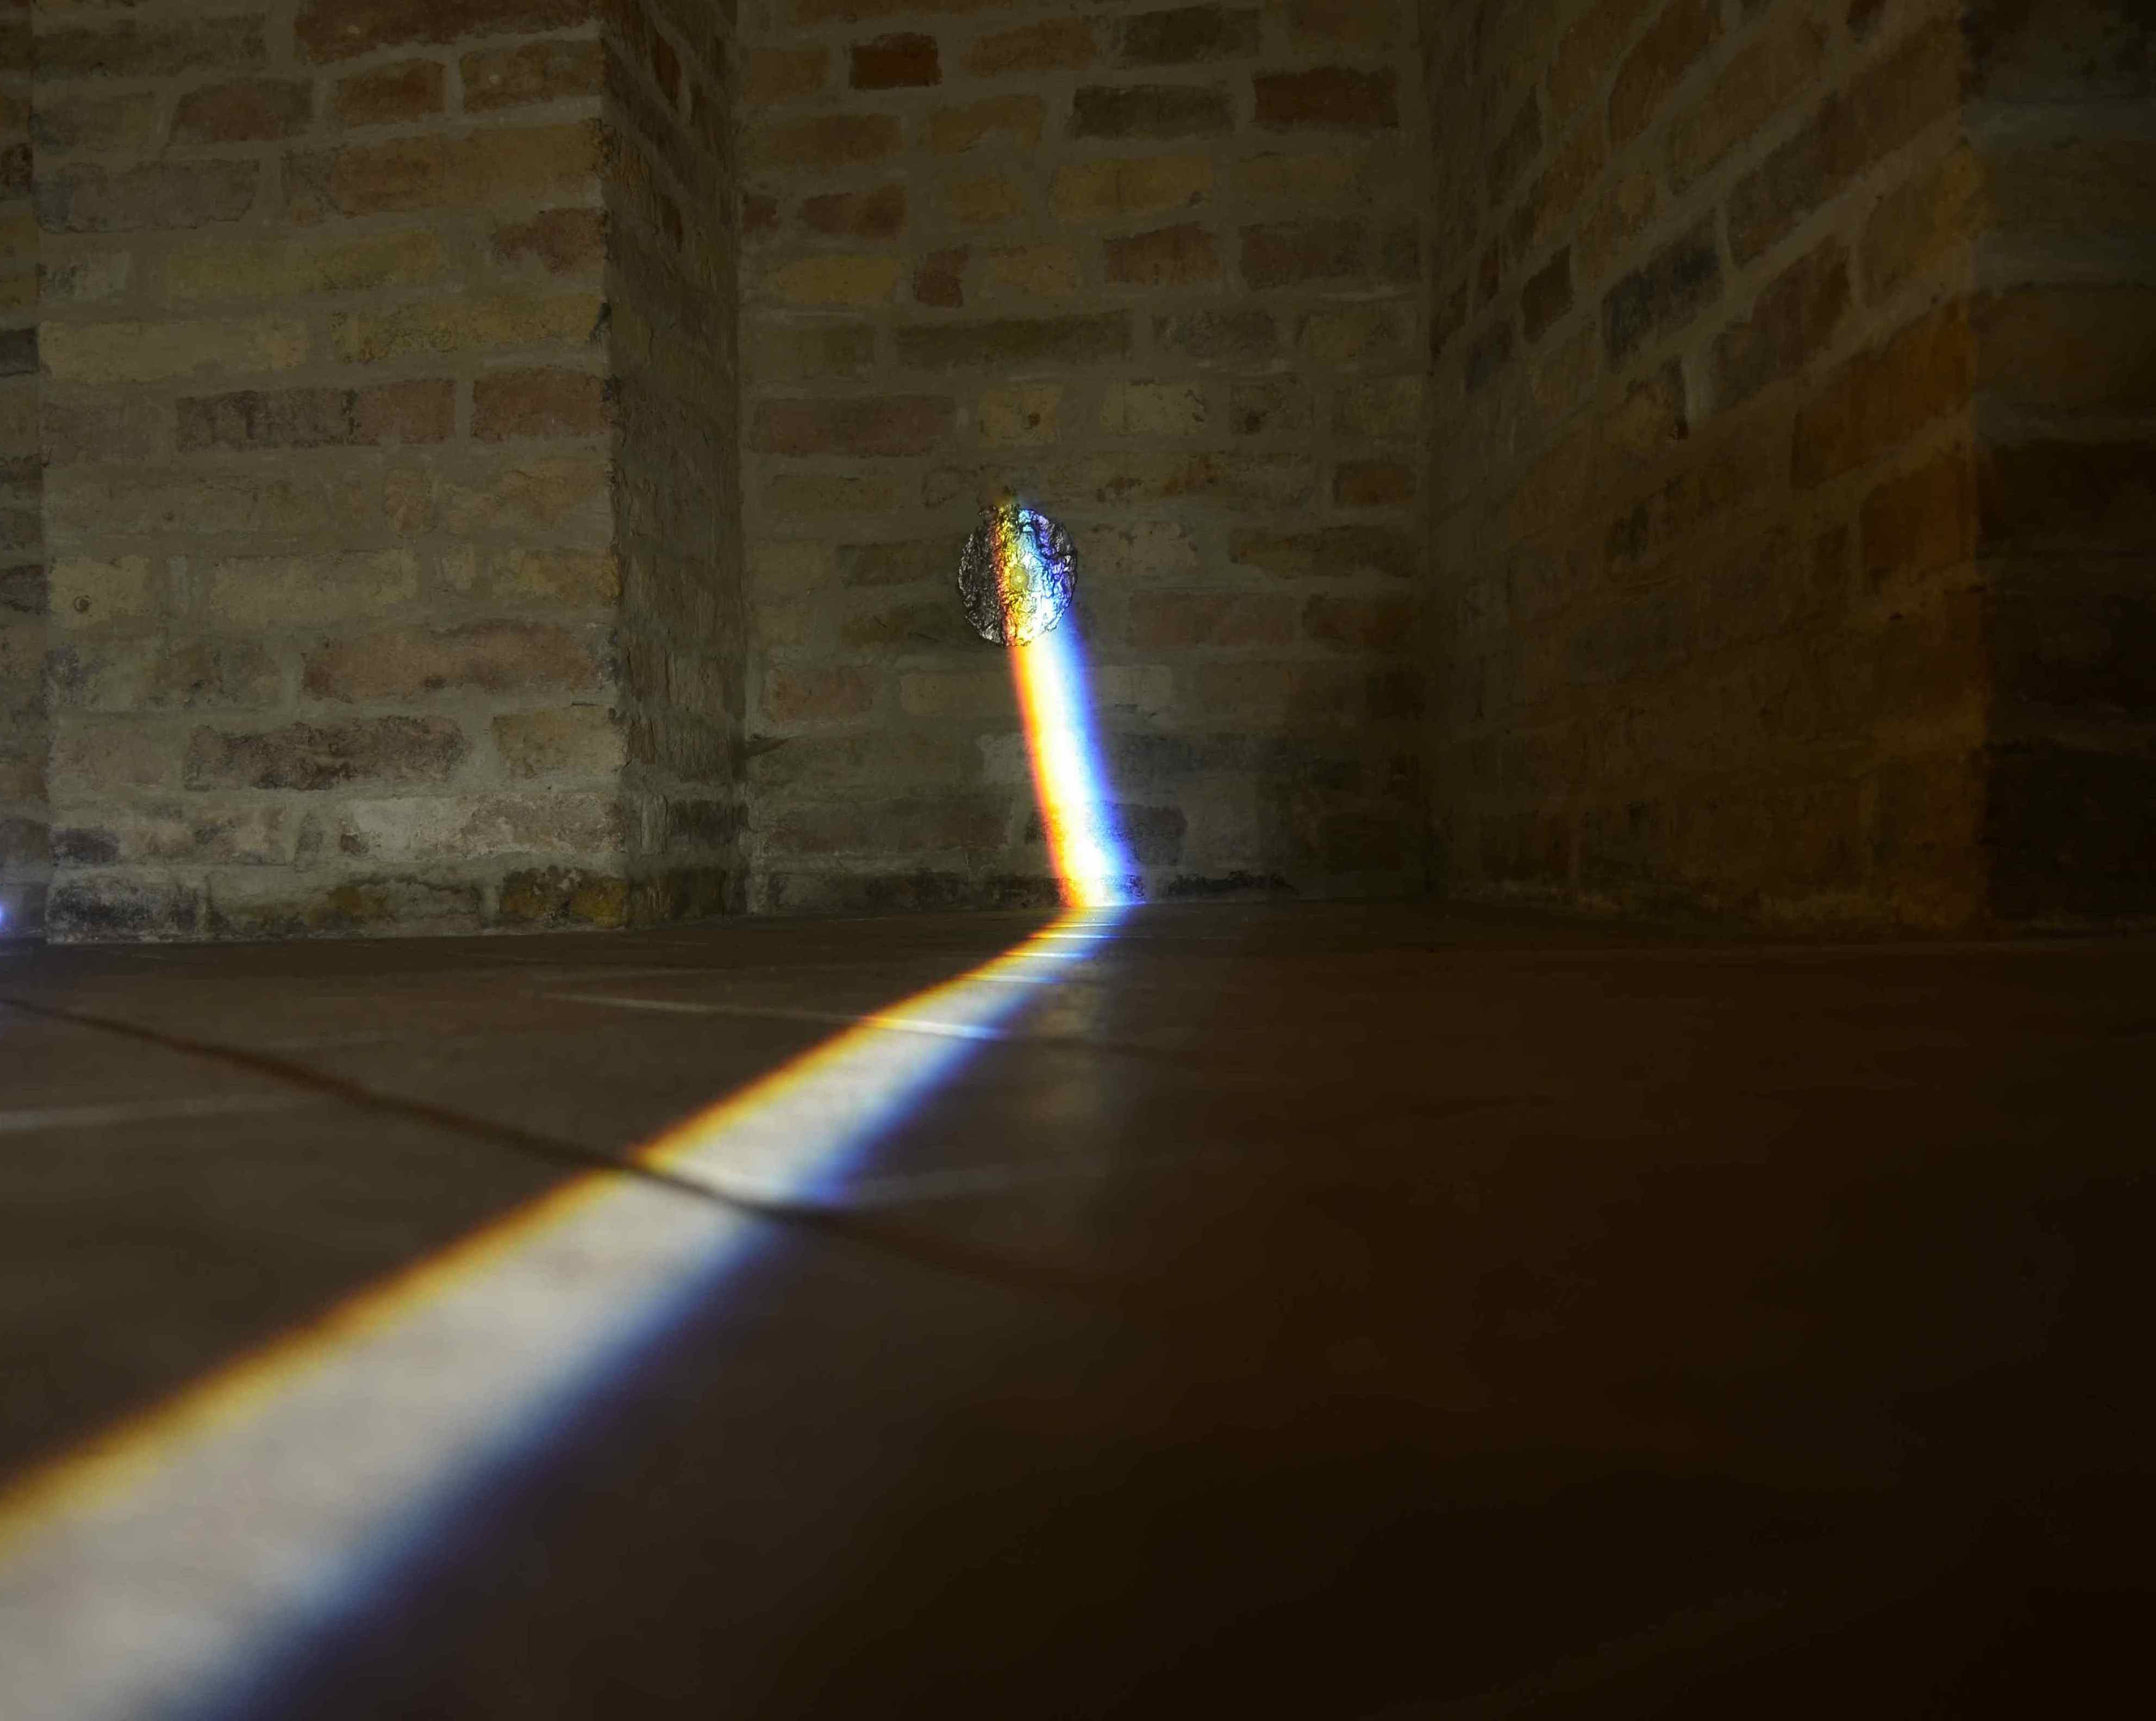 Ogni_cosa_è_illuminata#3